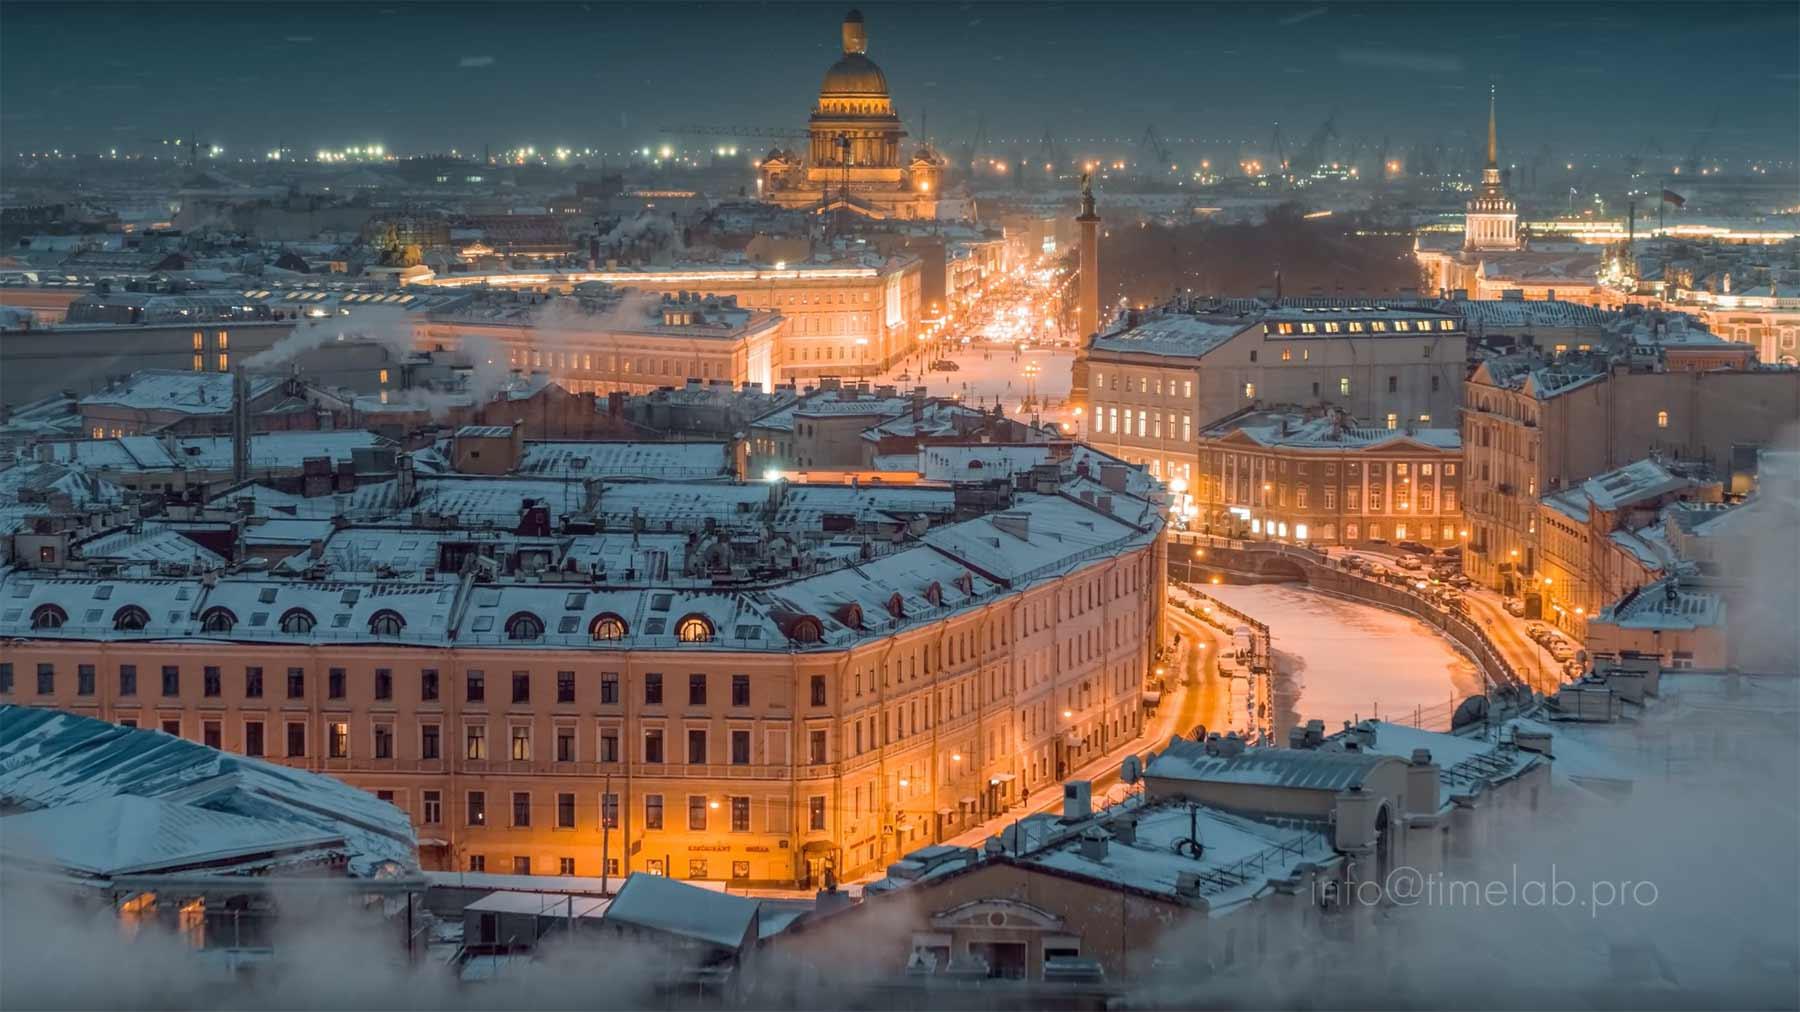 Wunderschönes Timelapse: St. Petersburg & Moskau